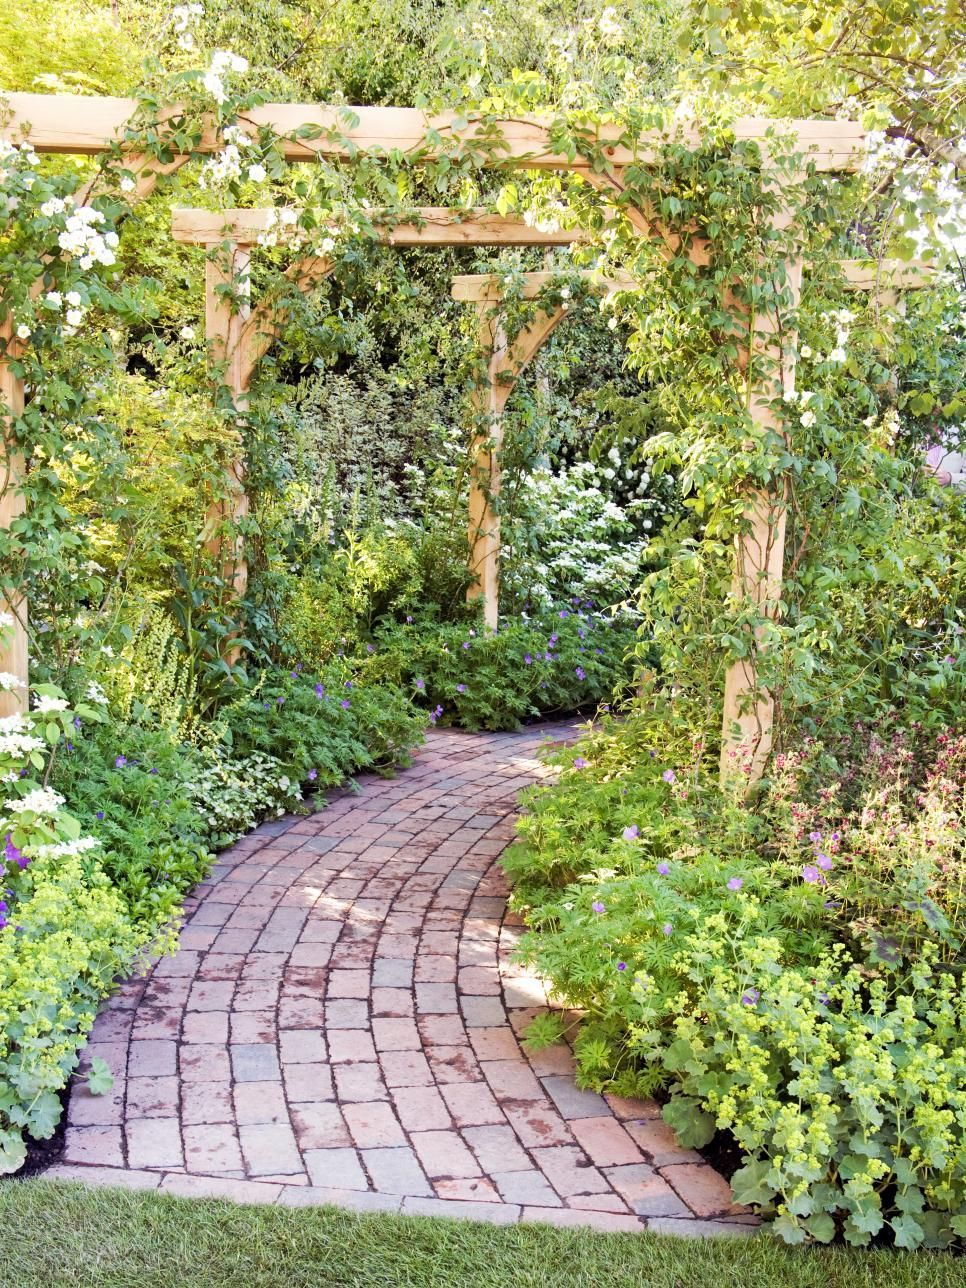 Country Garden Ideas Money And Backyard Garden Vegetable Companion Planting In 2020 Patio Landscaping Backyard Garden Landscape Pergola Patio Ideas Diy